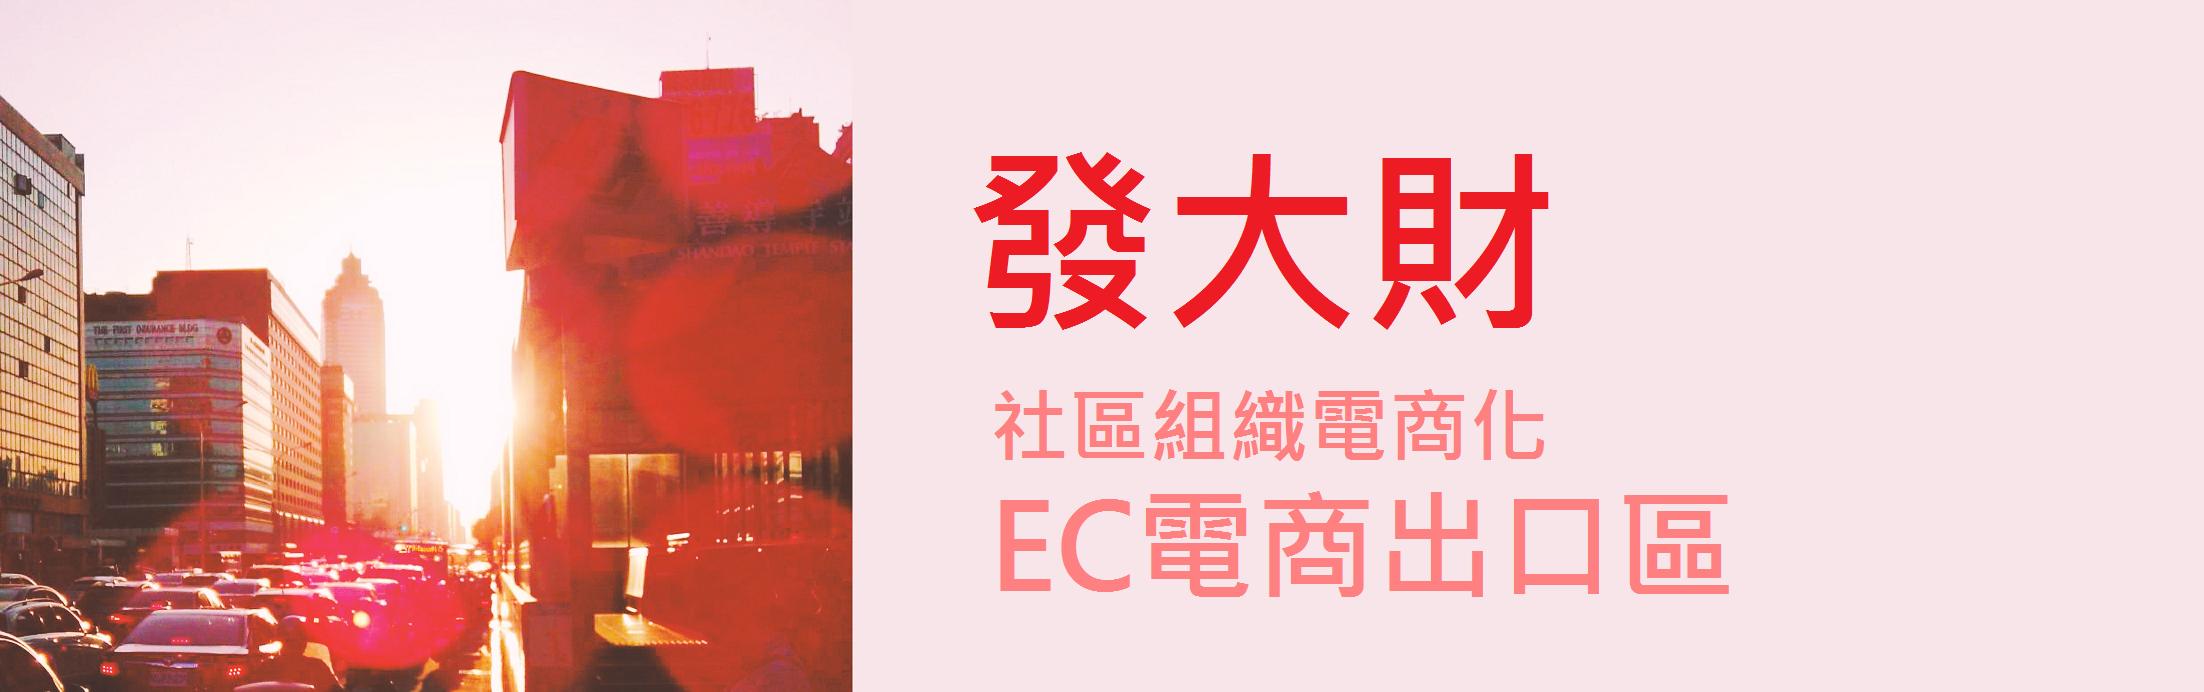 網聚 發大財 社區組織電商化 EC電商出口區